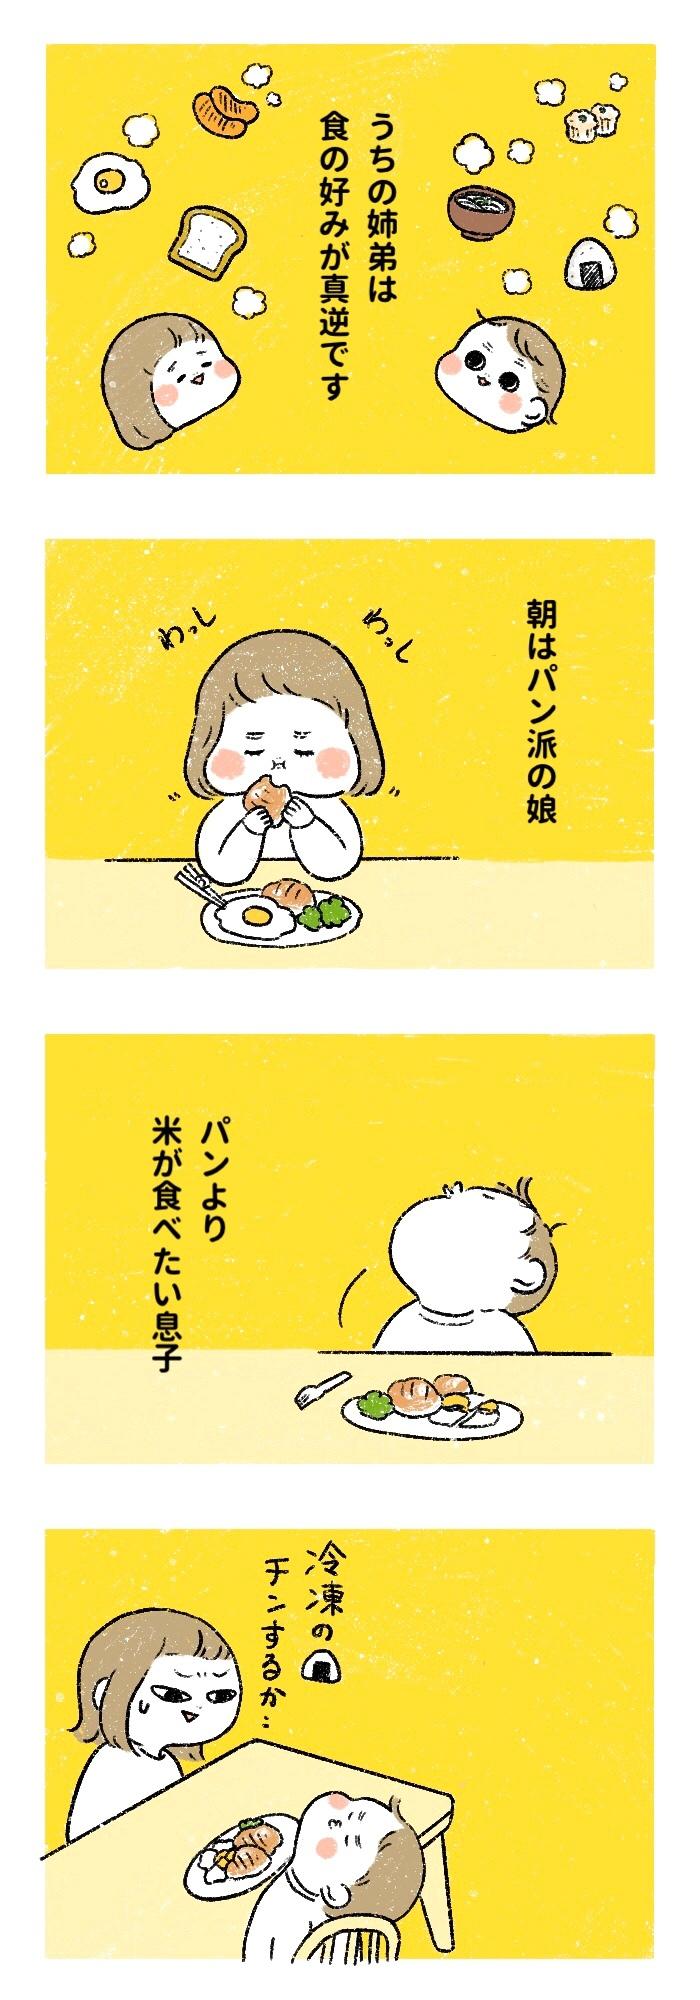 パン派の娘に、お米好きな息子。2人に「大当たり」な料理を模索中。の画像1